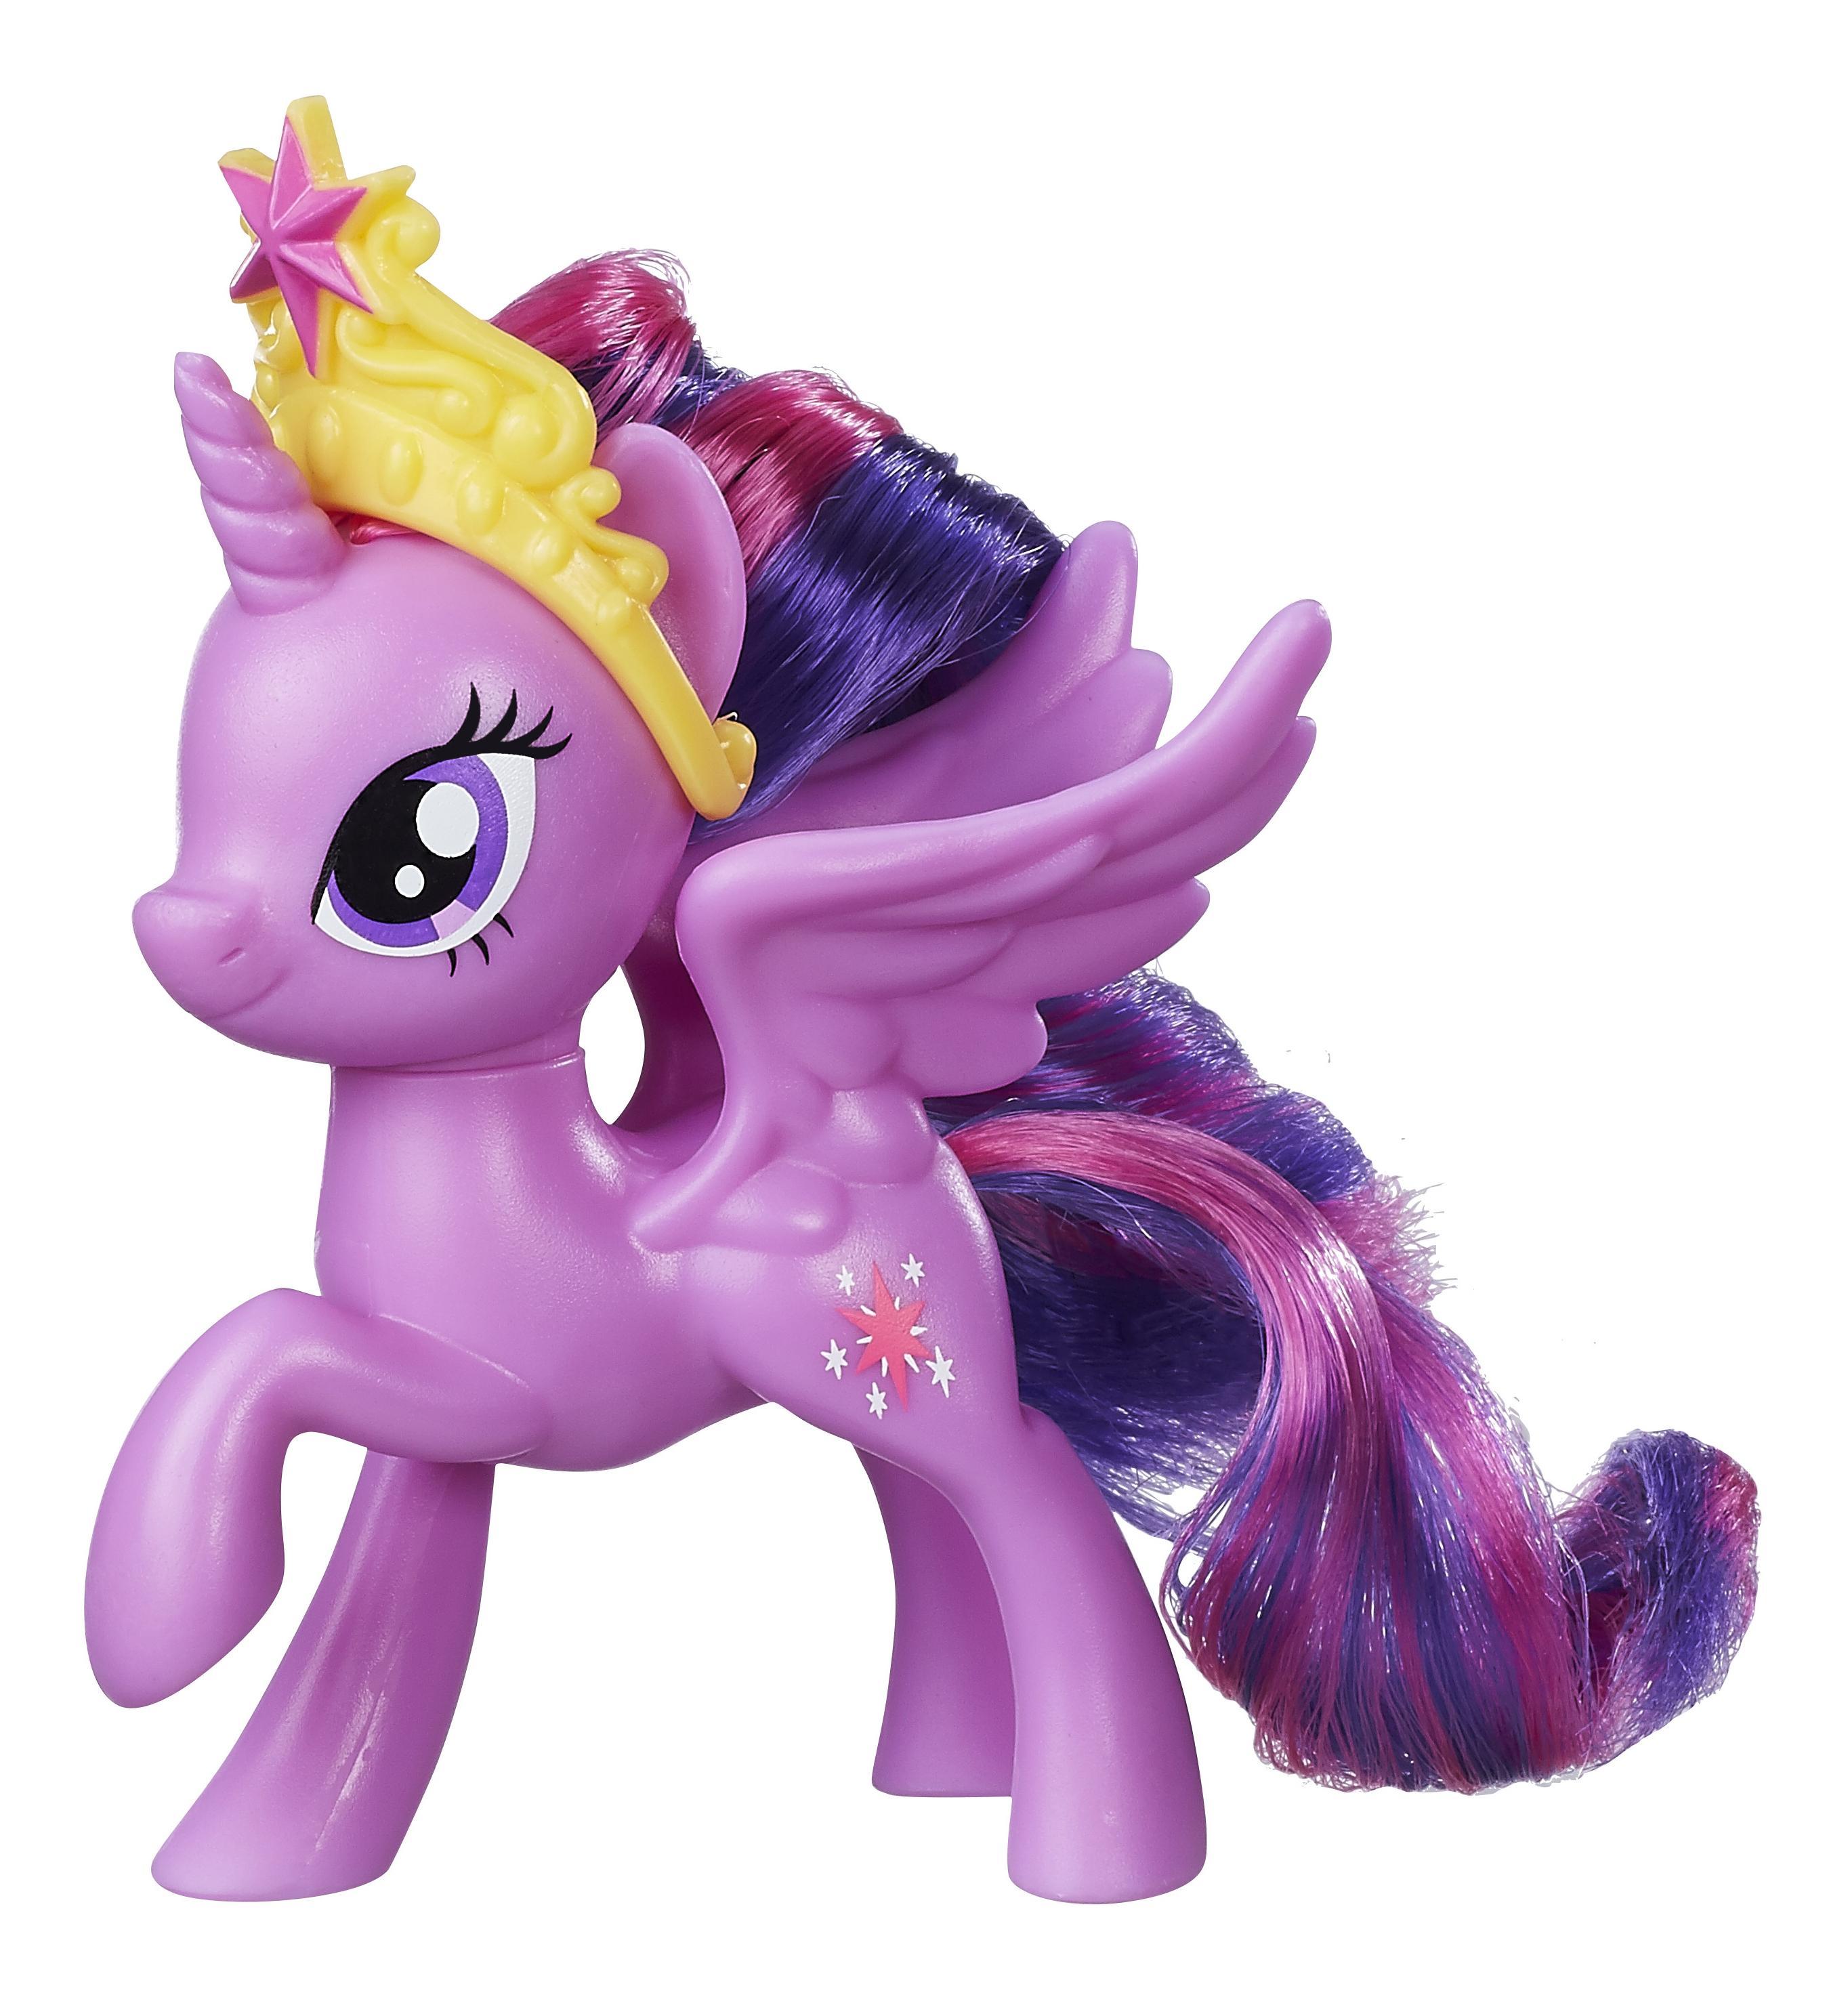 Фигурки My Little Pony пони-подружки b8924 b9625 в ассортименте